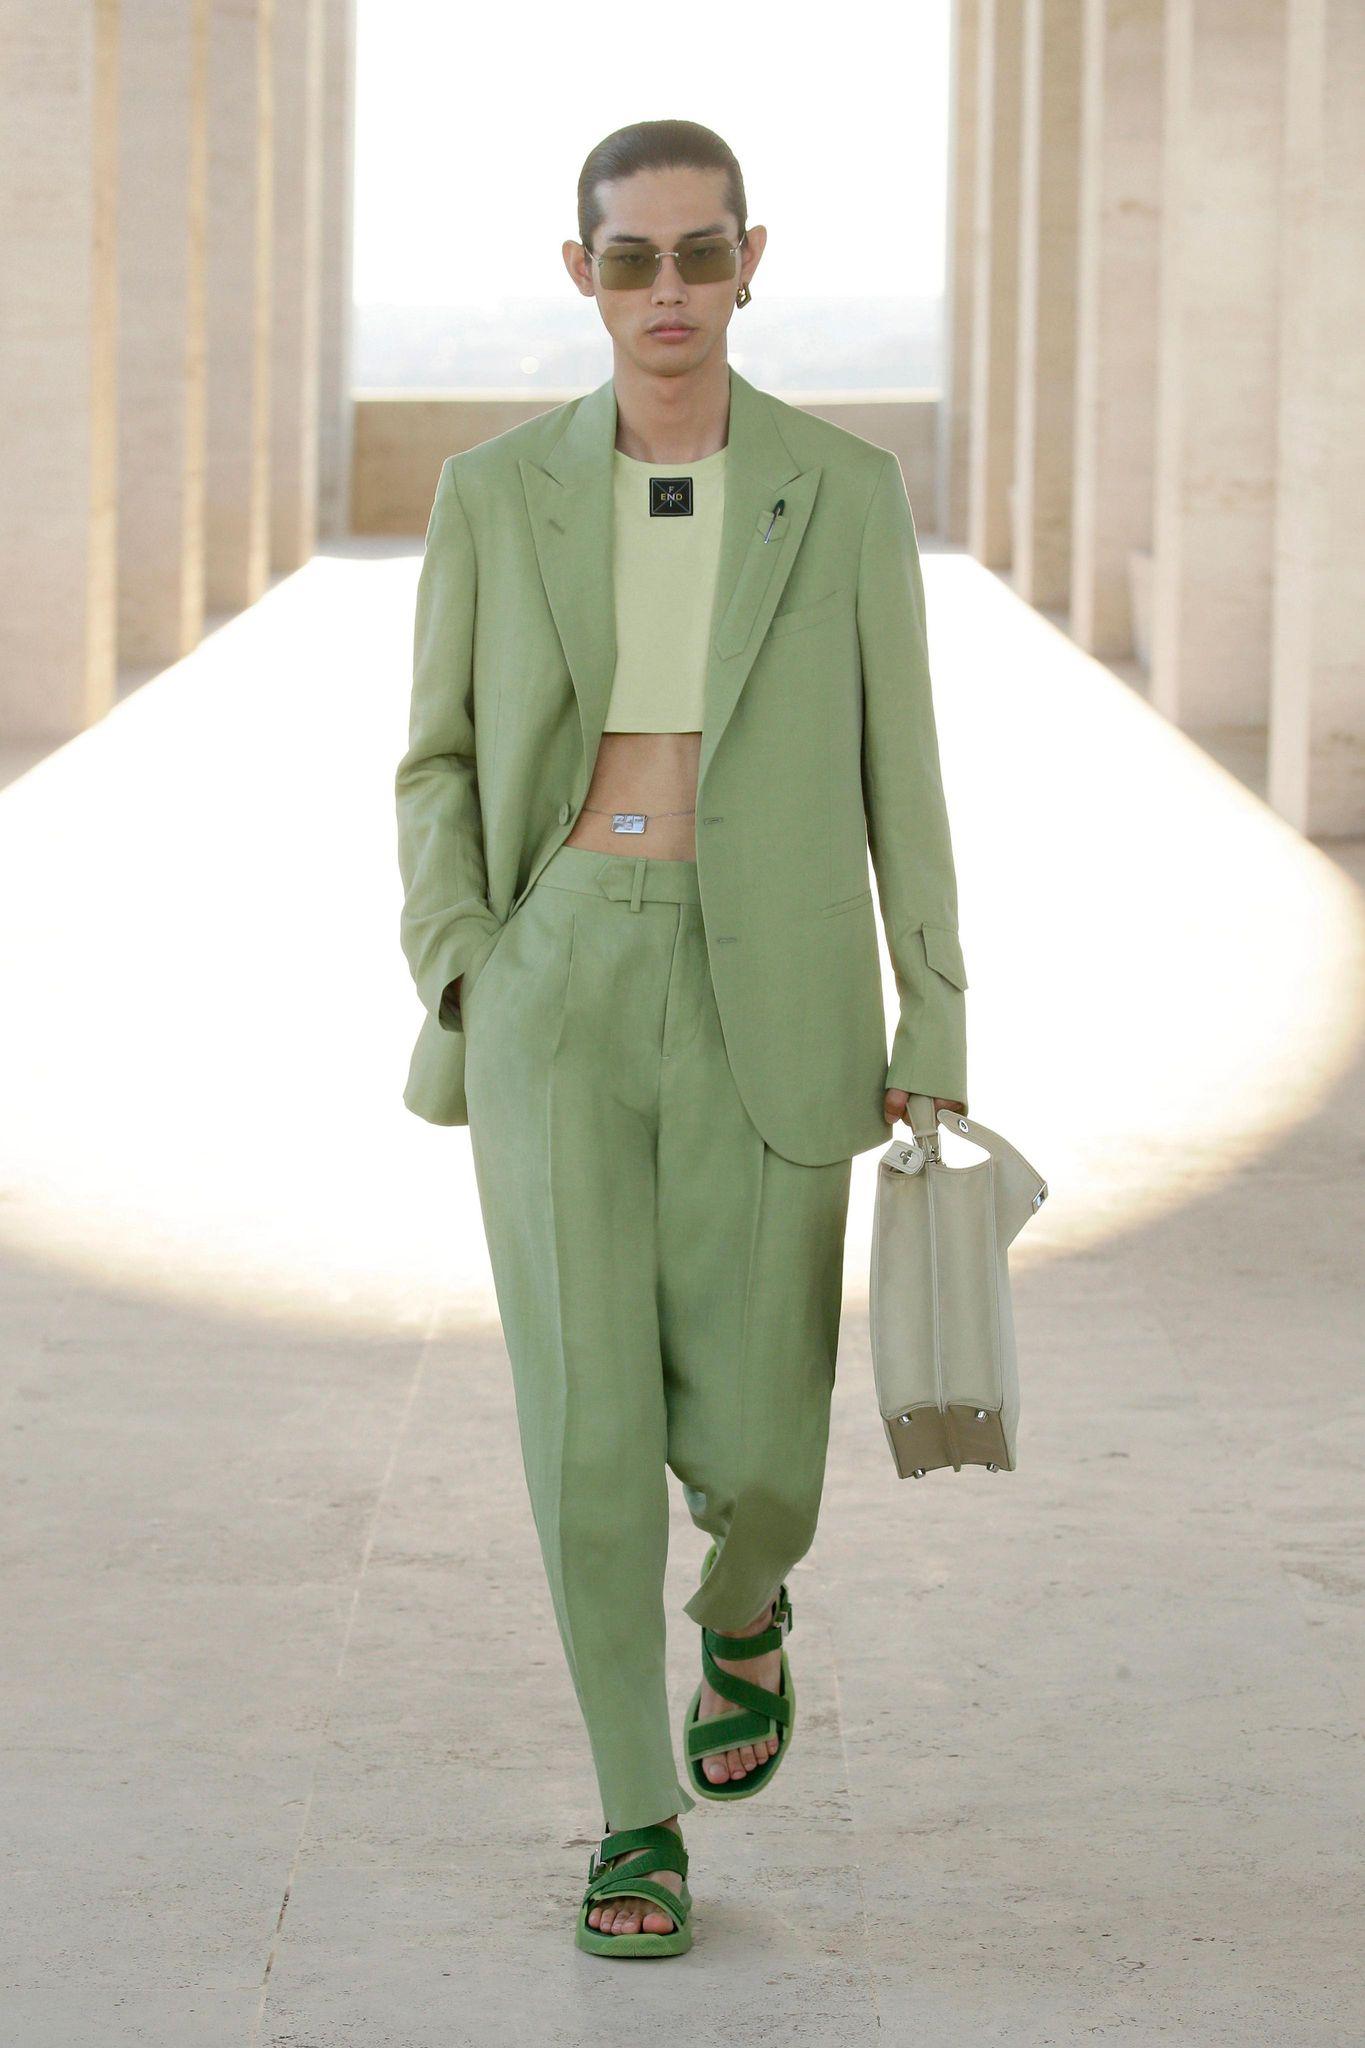 10 Fashion Trends from Milan Fashion Week Men's Spring/Summer 2022 - Prada Fendi Etro